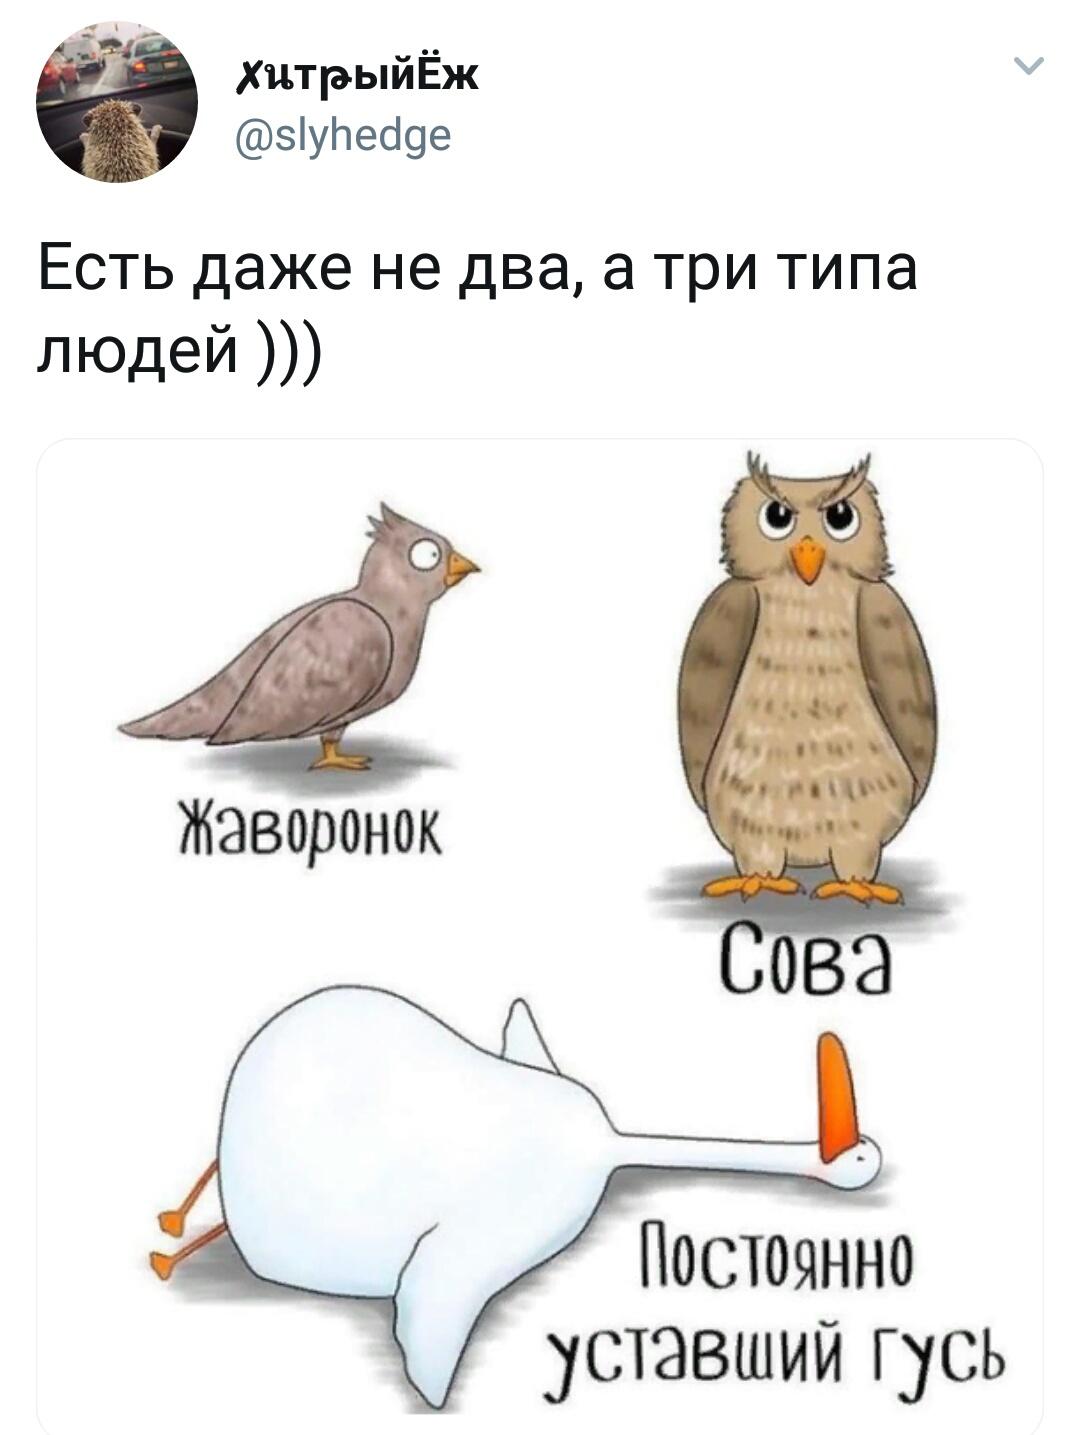 Люди жаворонки, совы и голуби — в чем особенности каждого типа